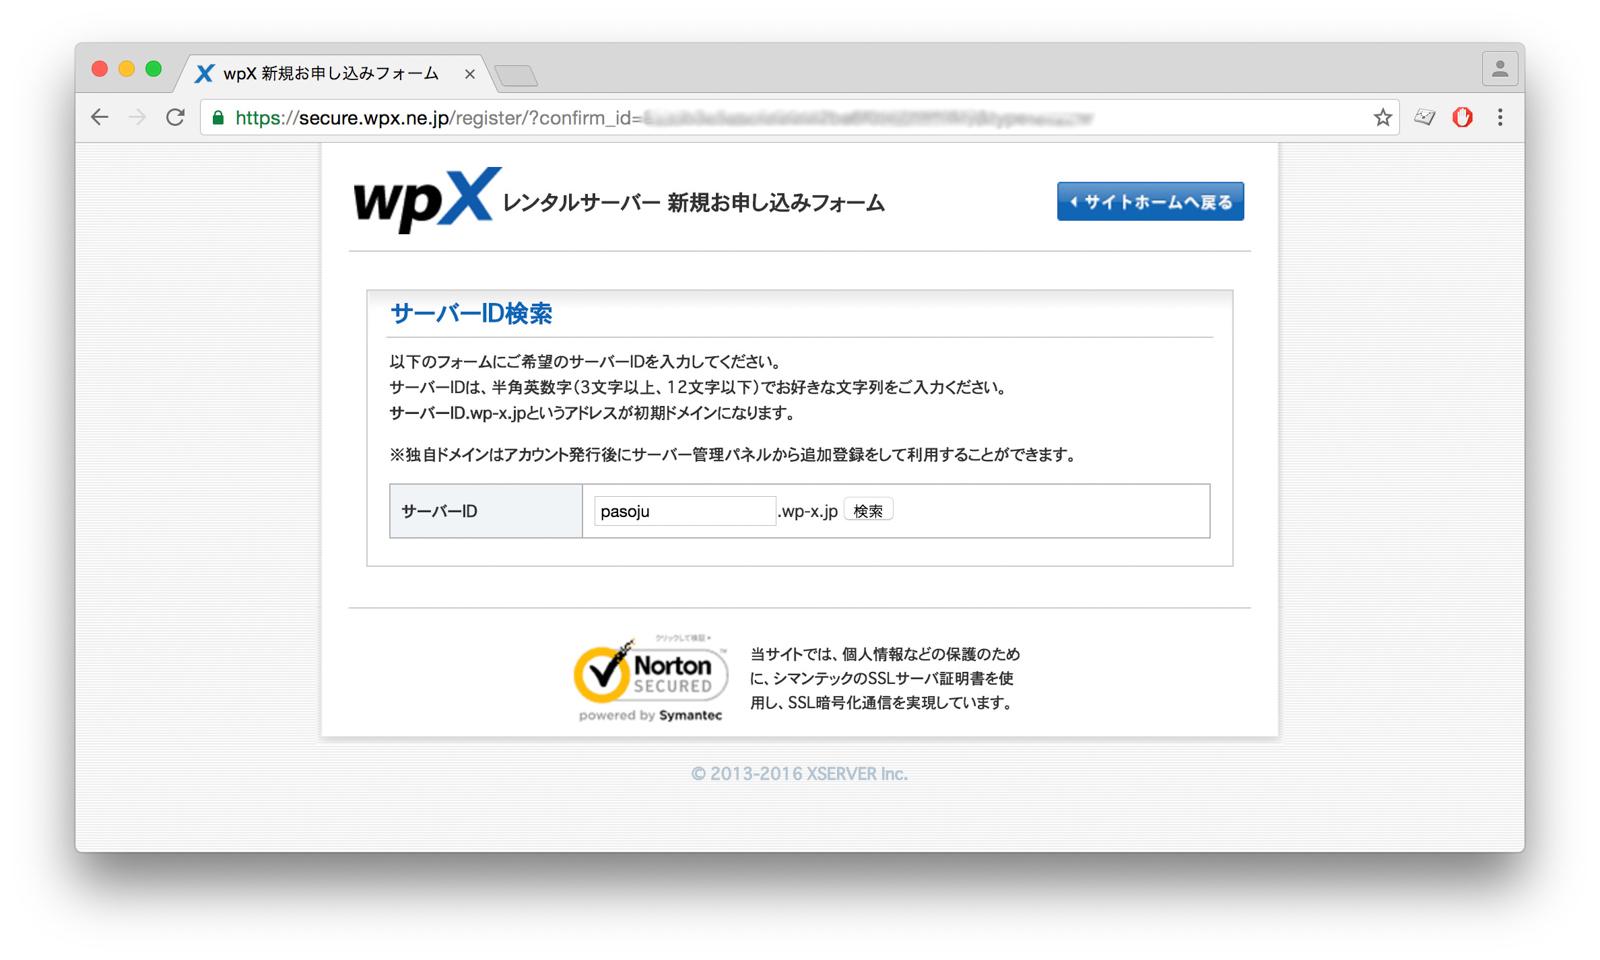 wpXレンタルサーバー 会員情報の登録・サーバーのお申込み